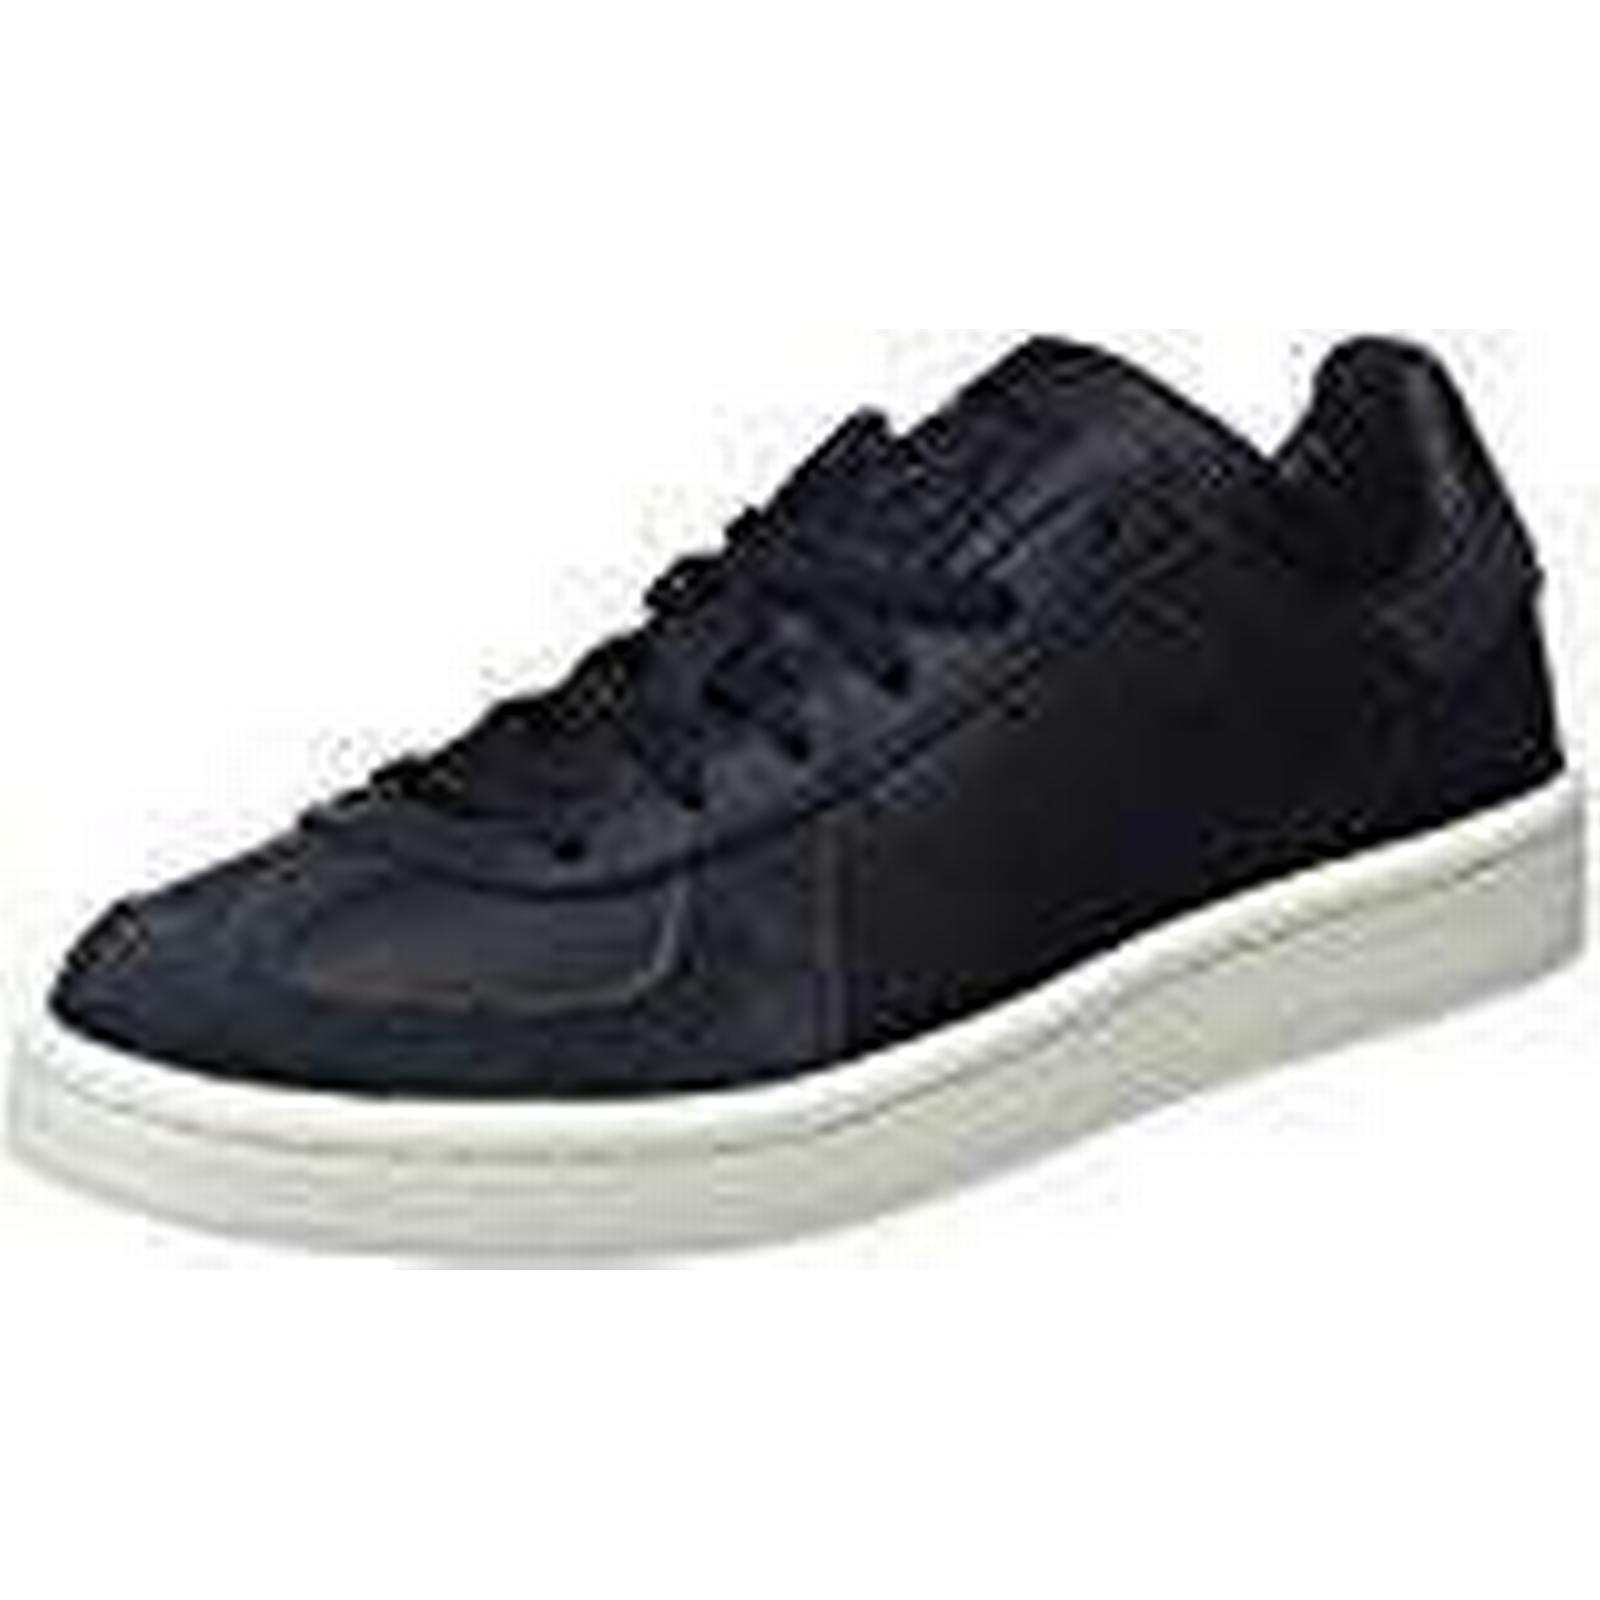 Adidas Men's BW Avenue Trainers, Core Black/Carbon, EU 9 UK 43 1/3 EU Black/Carbon, 84725f